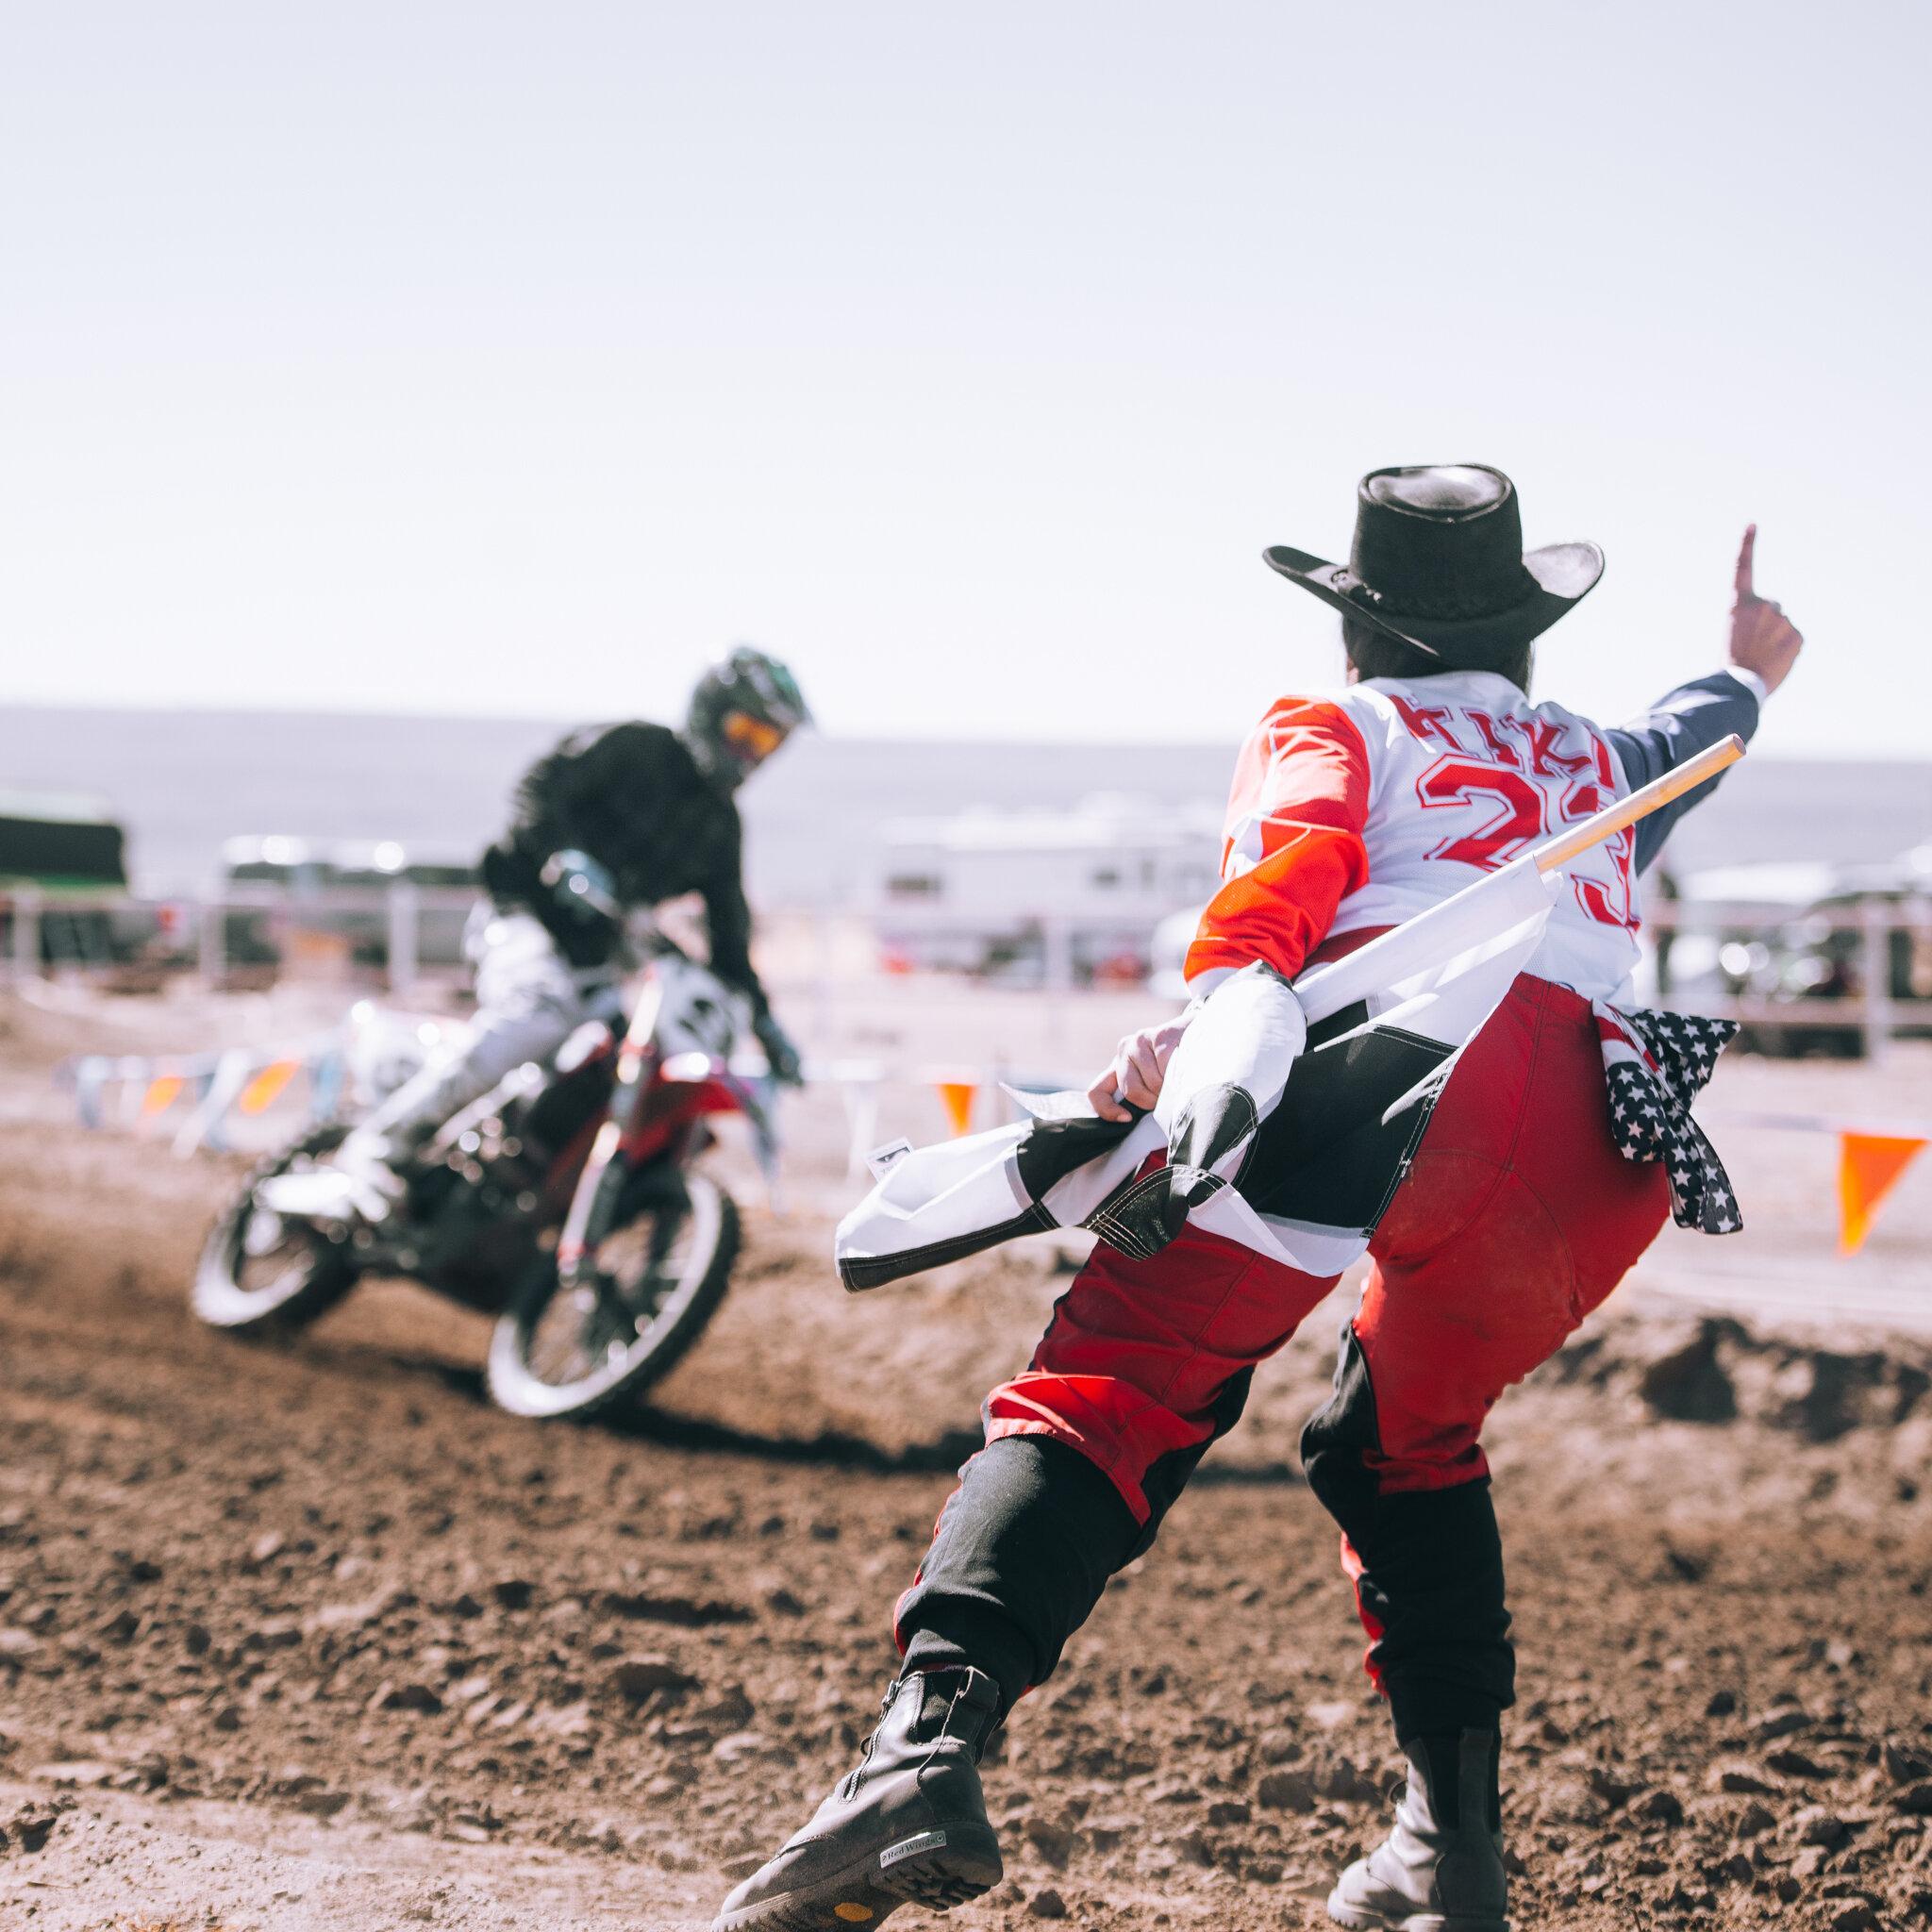 jmtompkins_silodrome_the_desert_race_oregon 38.jpg